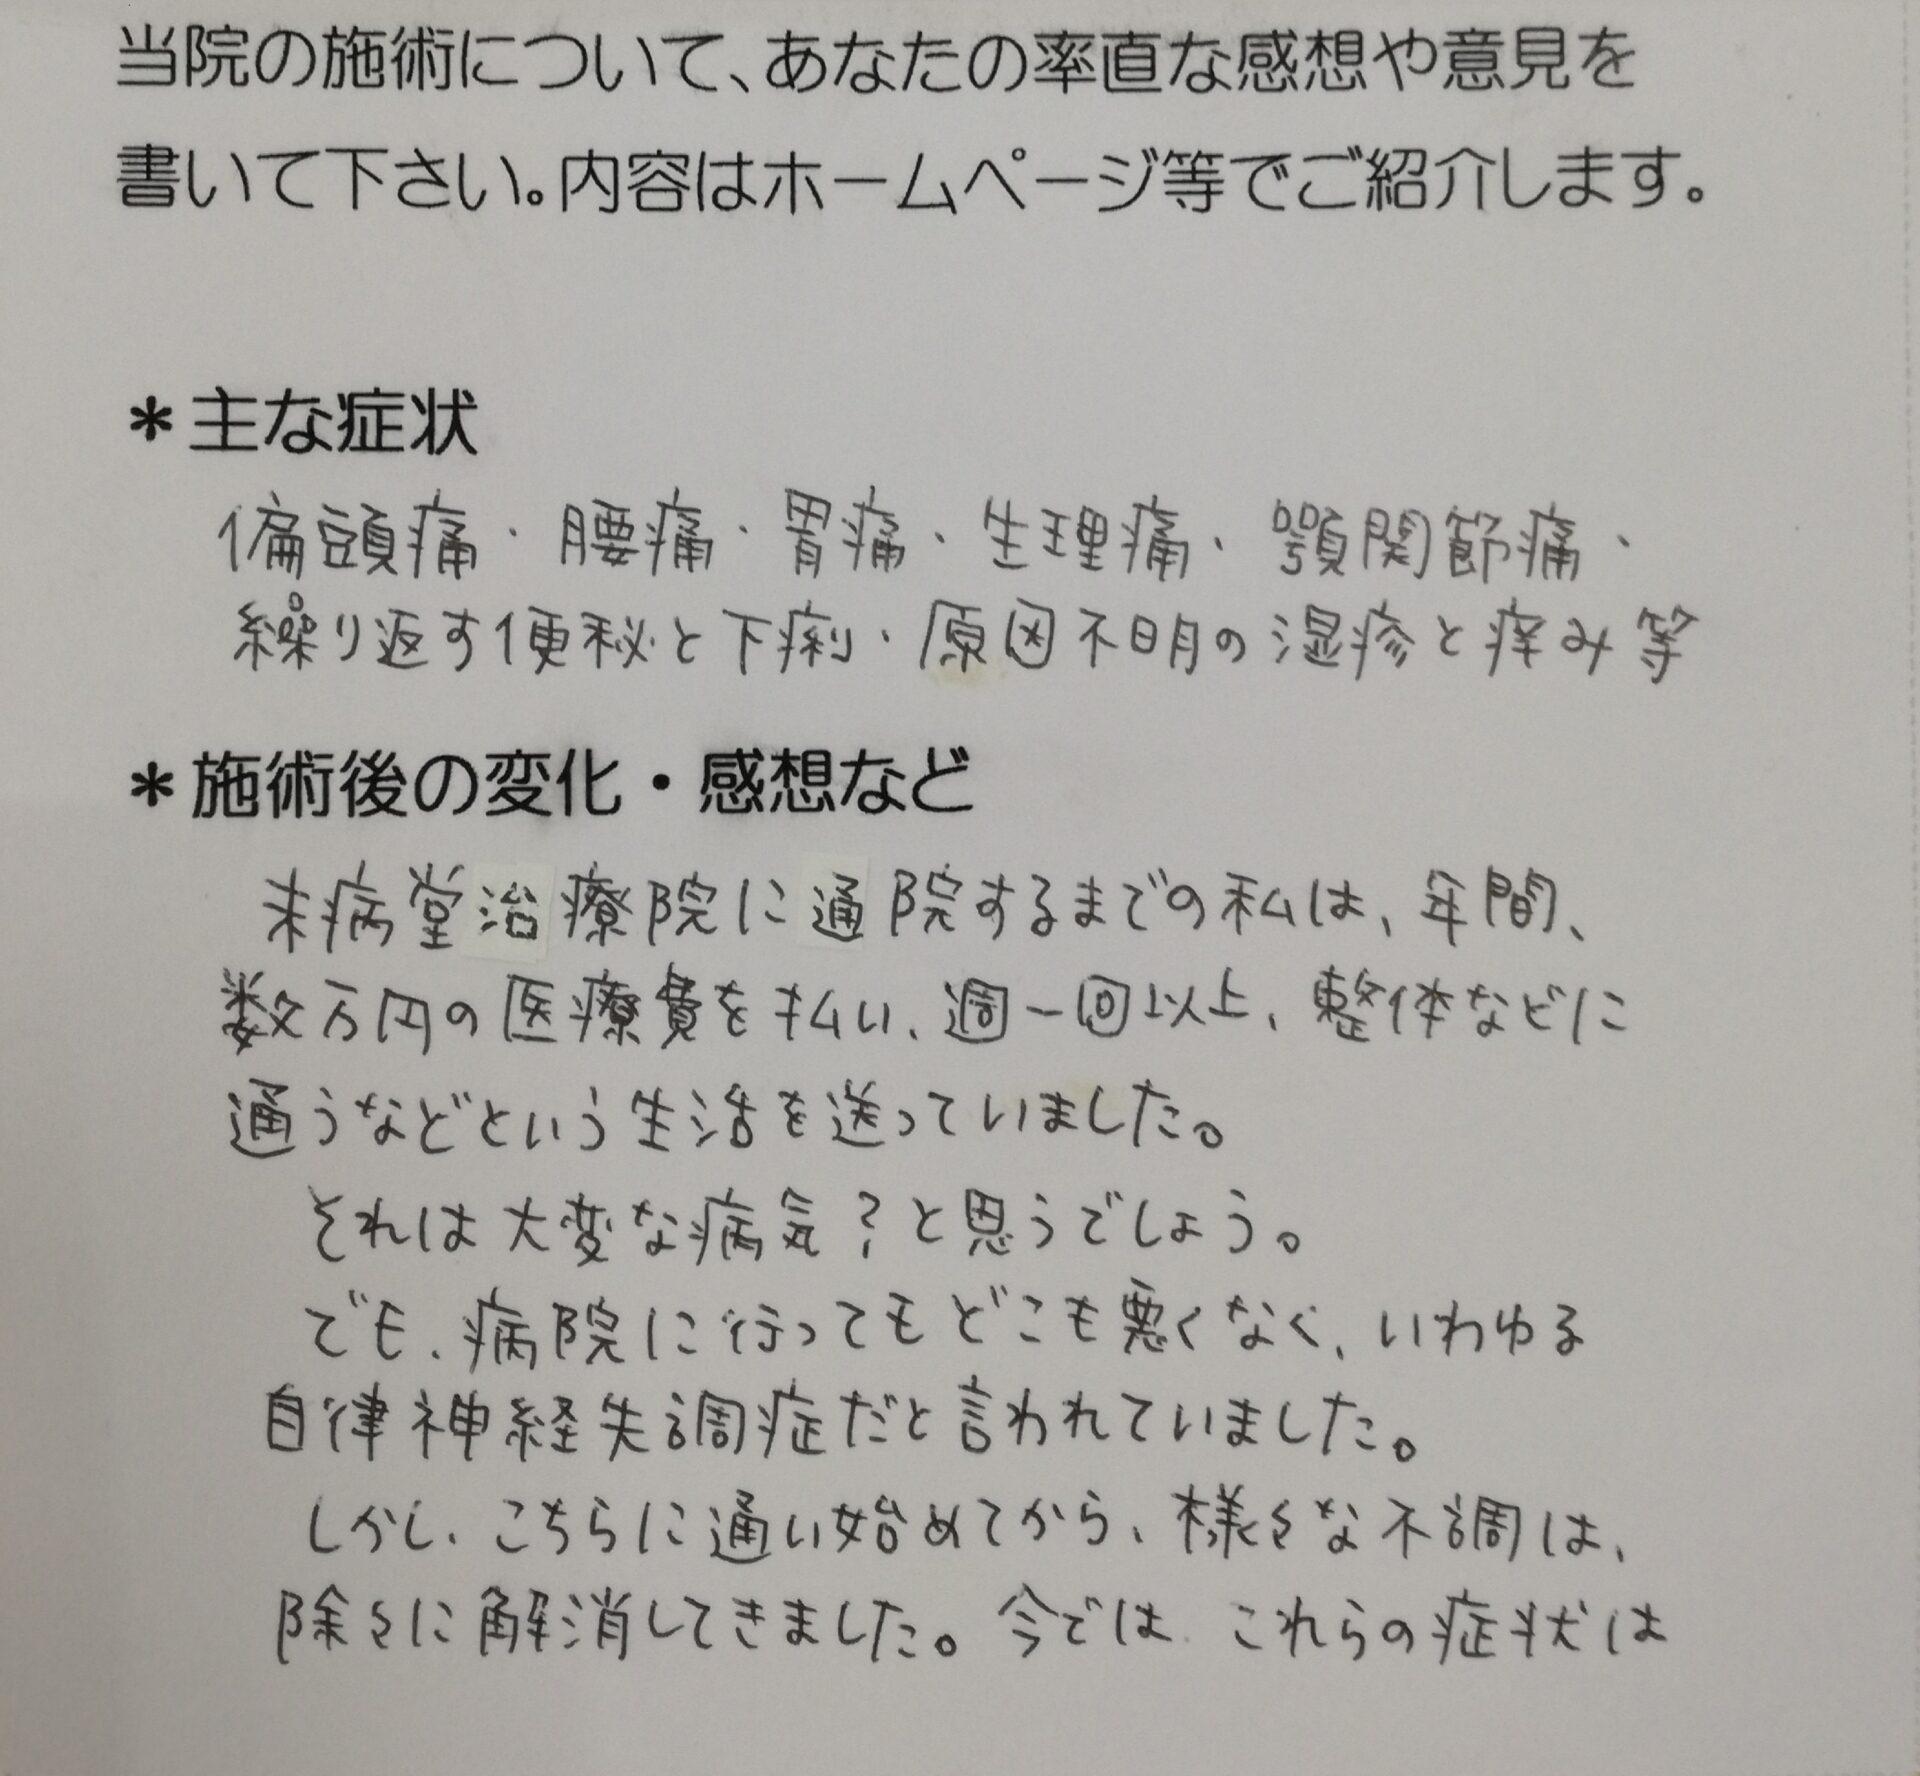 頭痛(天候による偏頭痛)(41才女性 公務員)